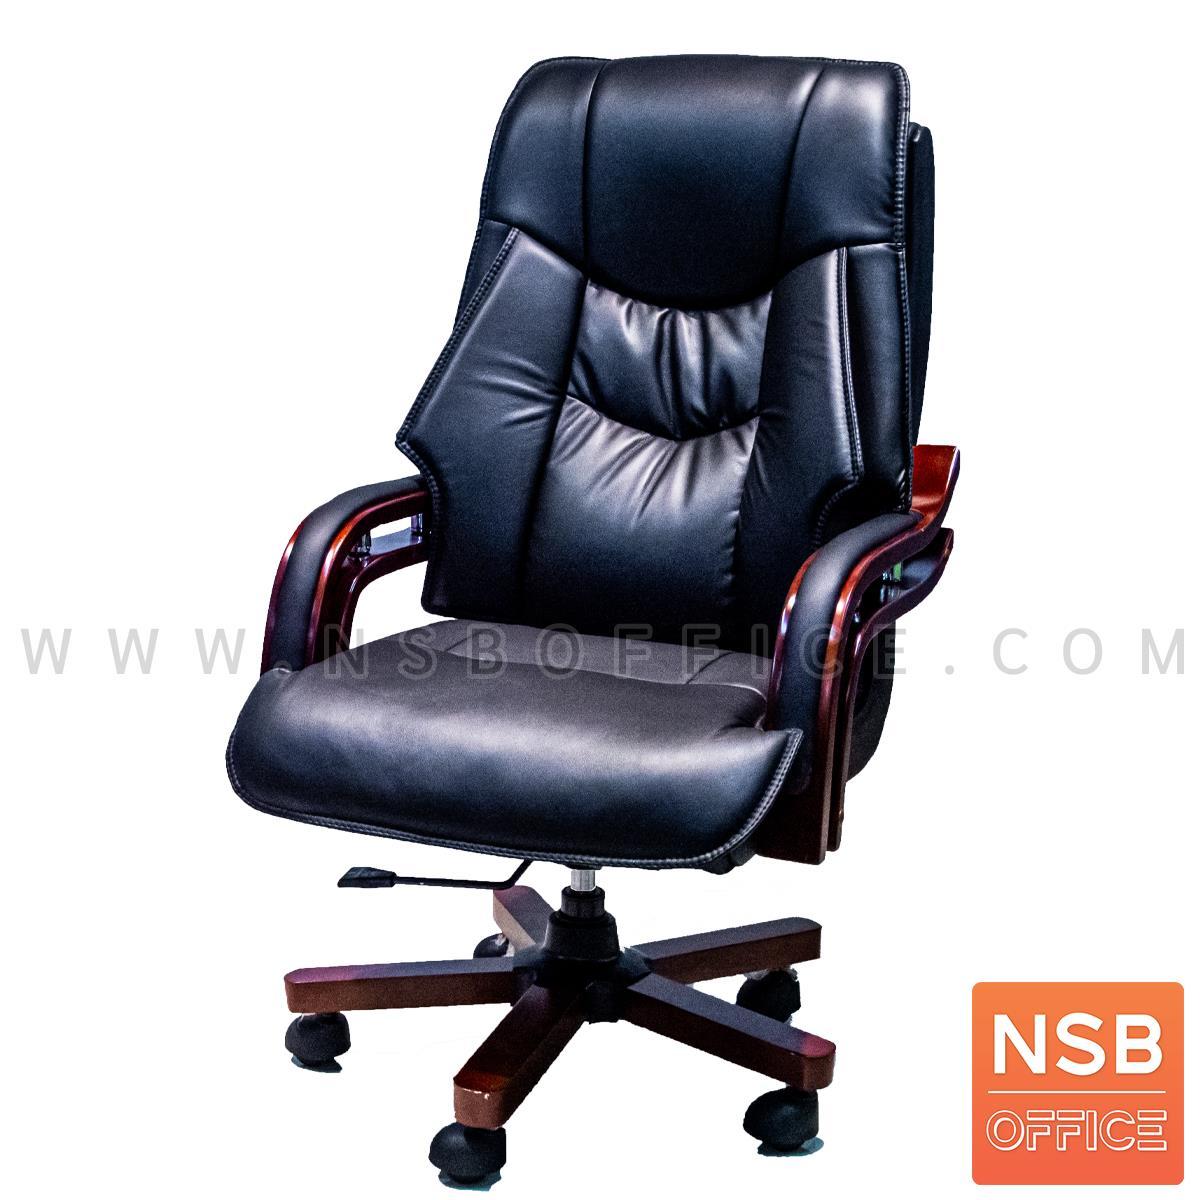 B25A159:เก้าอี้ผู้บริหารหนังแท้ รุ่น Ordinary (ออร์ดิแนรี่)  แขน-ขาไม้